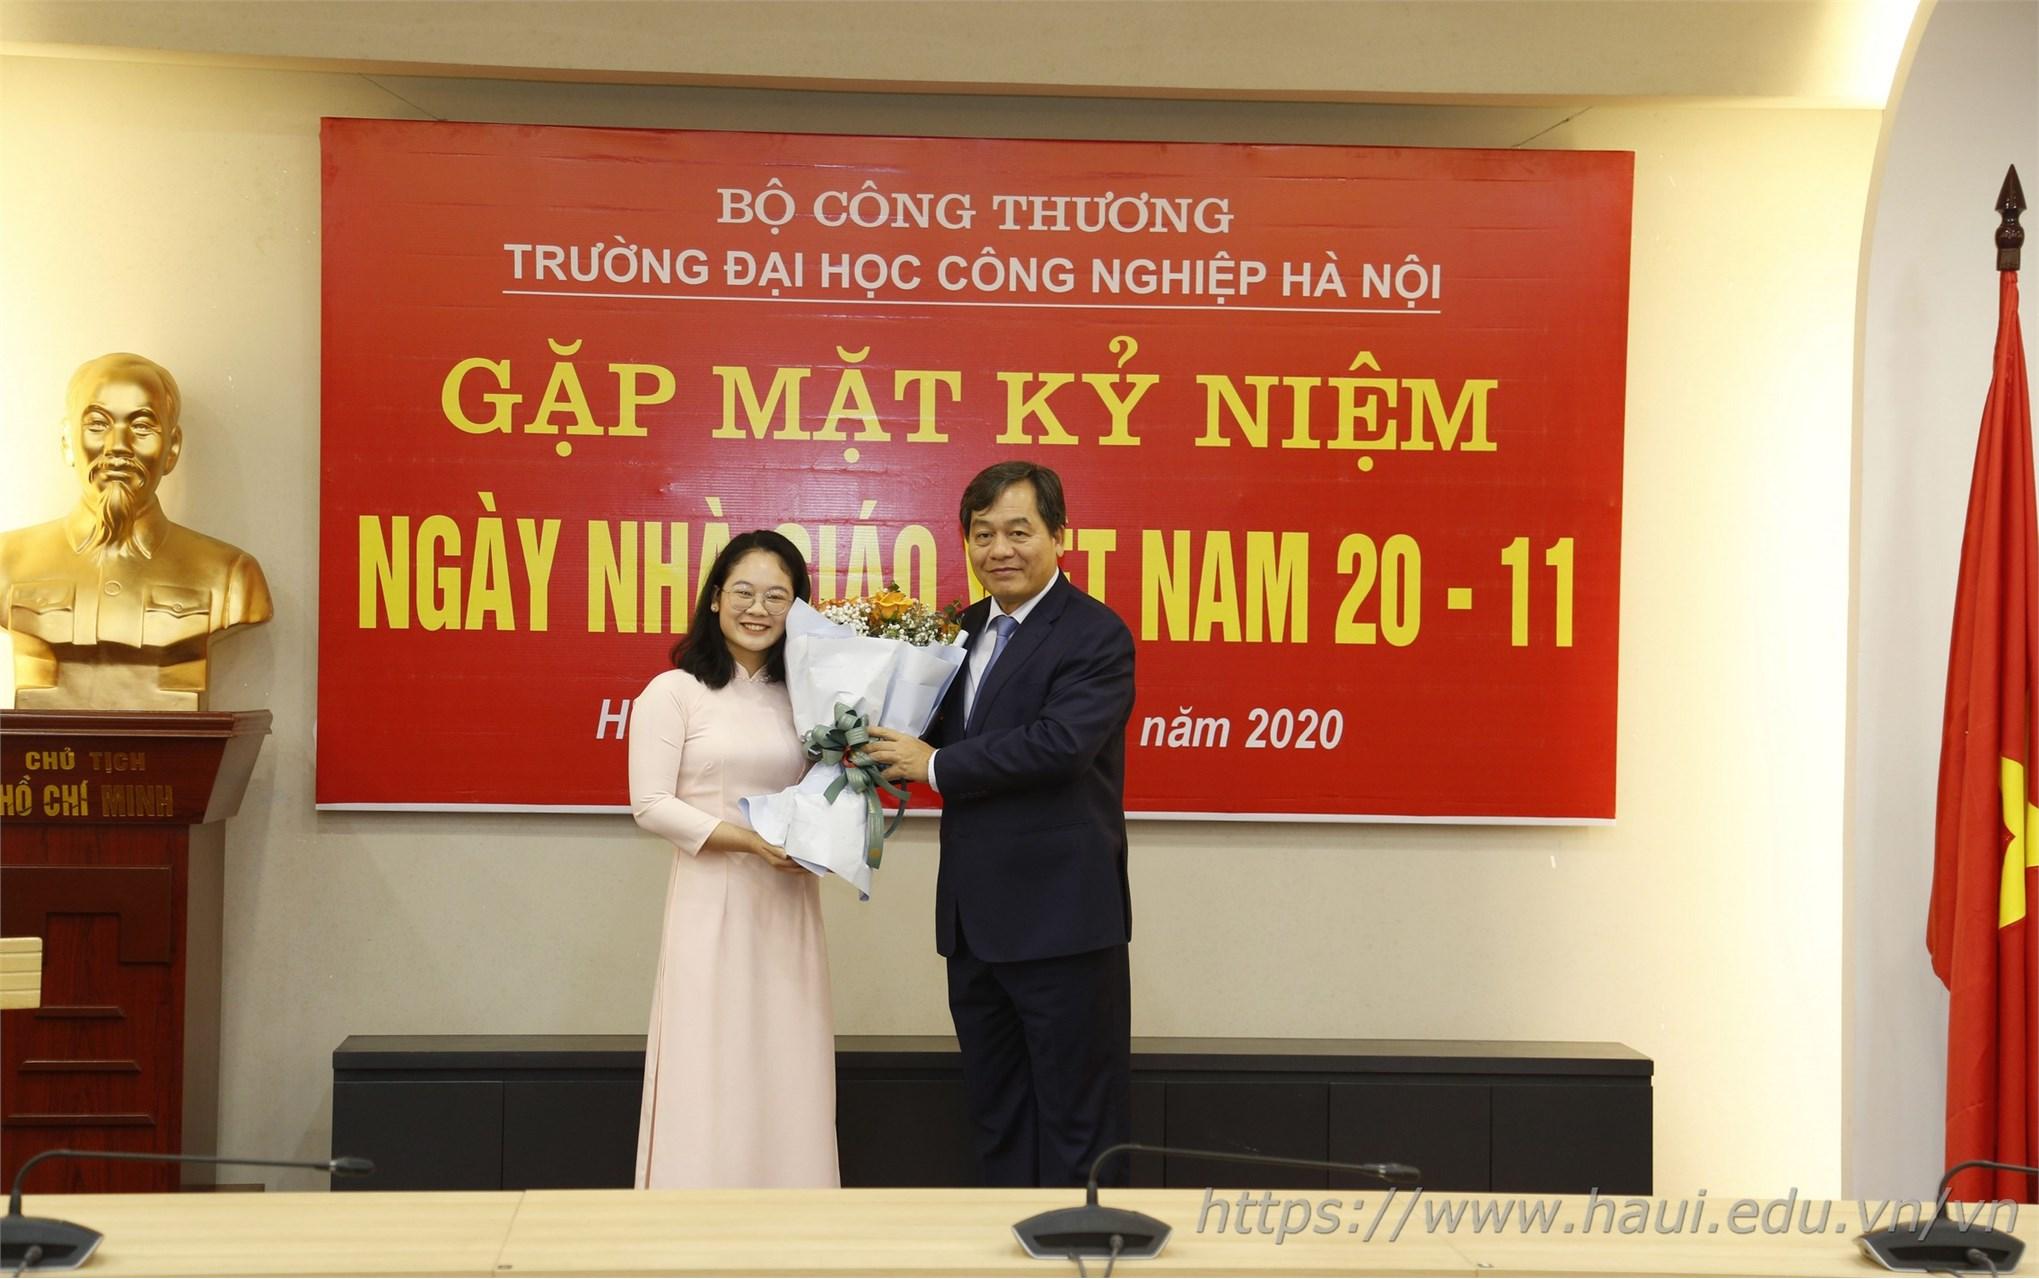 Đại diện sinh viên nhà trường tặng hoa tri ân thầy cô nhân ngày Nhà giáo Việt Nam 20/11